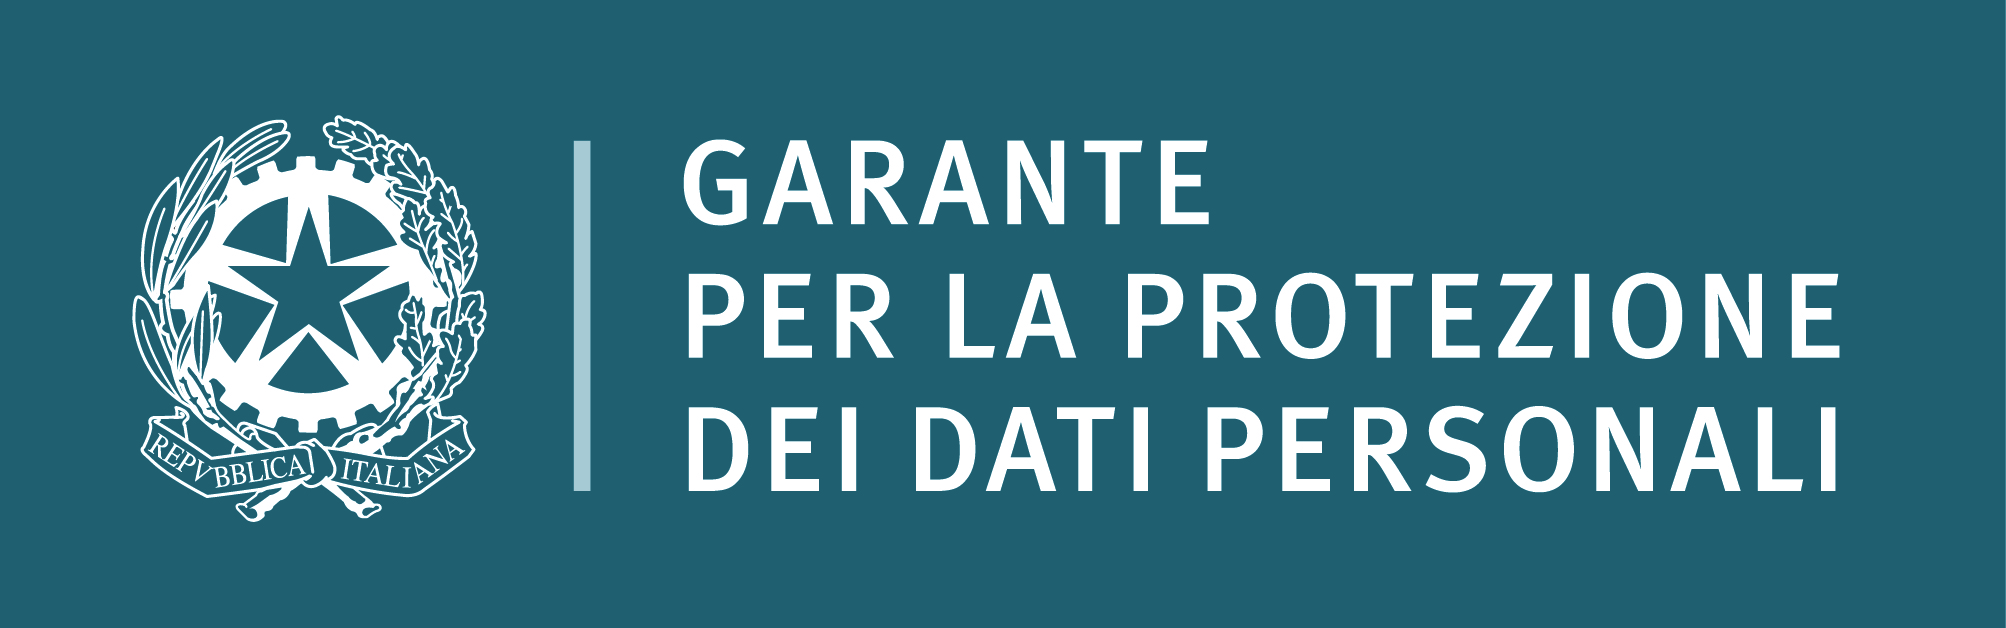 garante-protezione-dati-personali